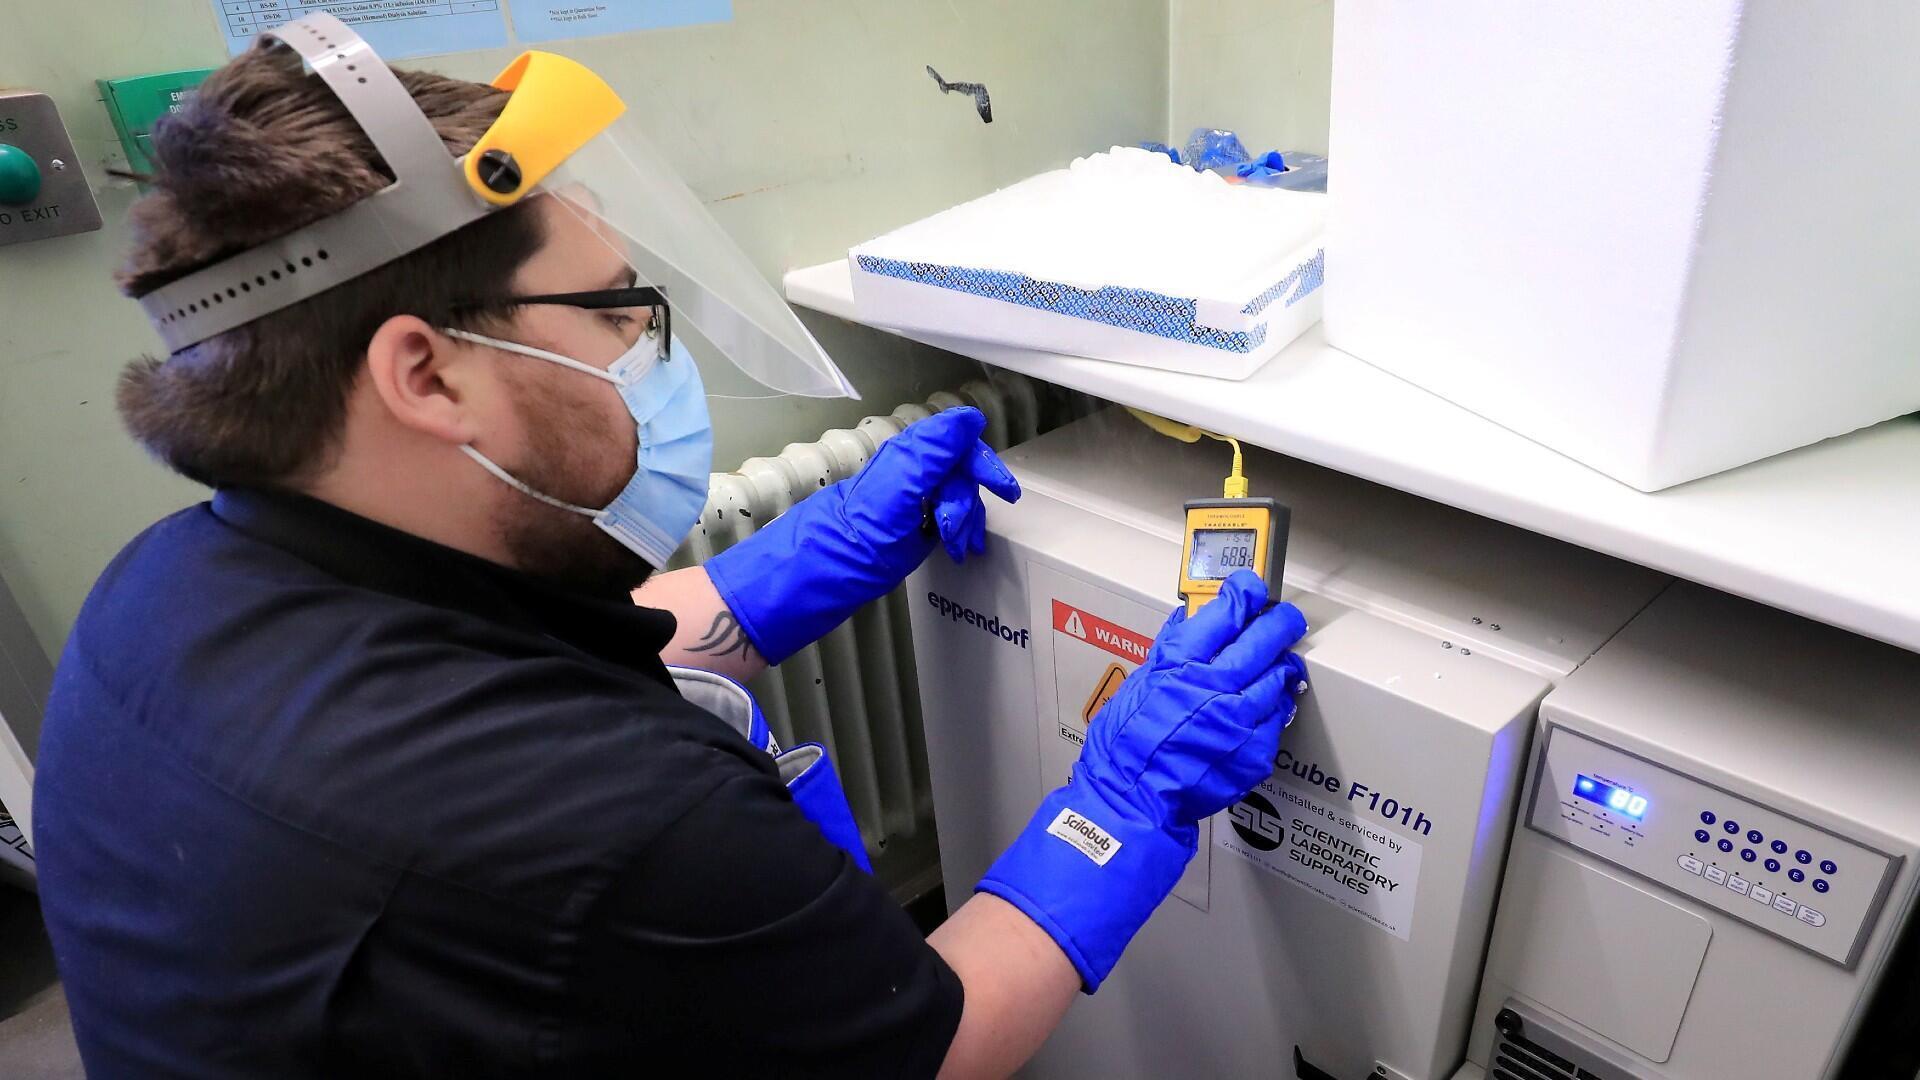 Un técnico de farmacia de Croydon Health Services prepara la entrega del primer lote de vacunas en el Hospital Universitario de Croydon en Croydon, Reino Unido, el 5 de diciembre de 2020.